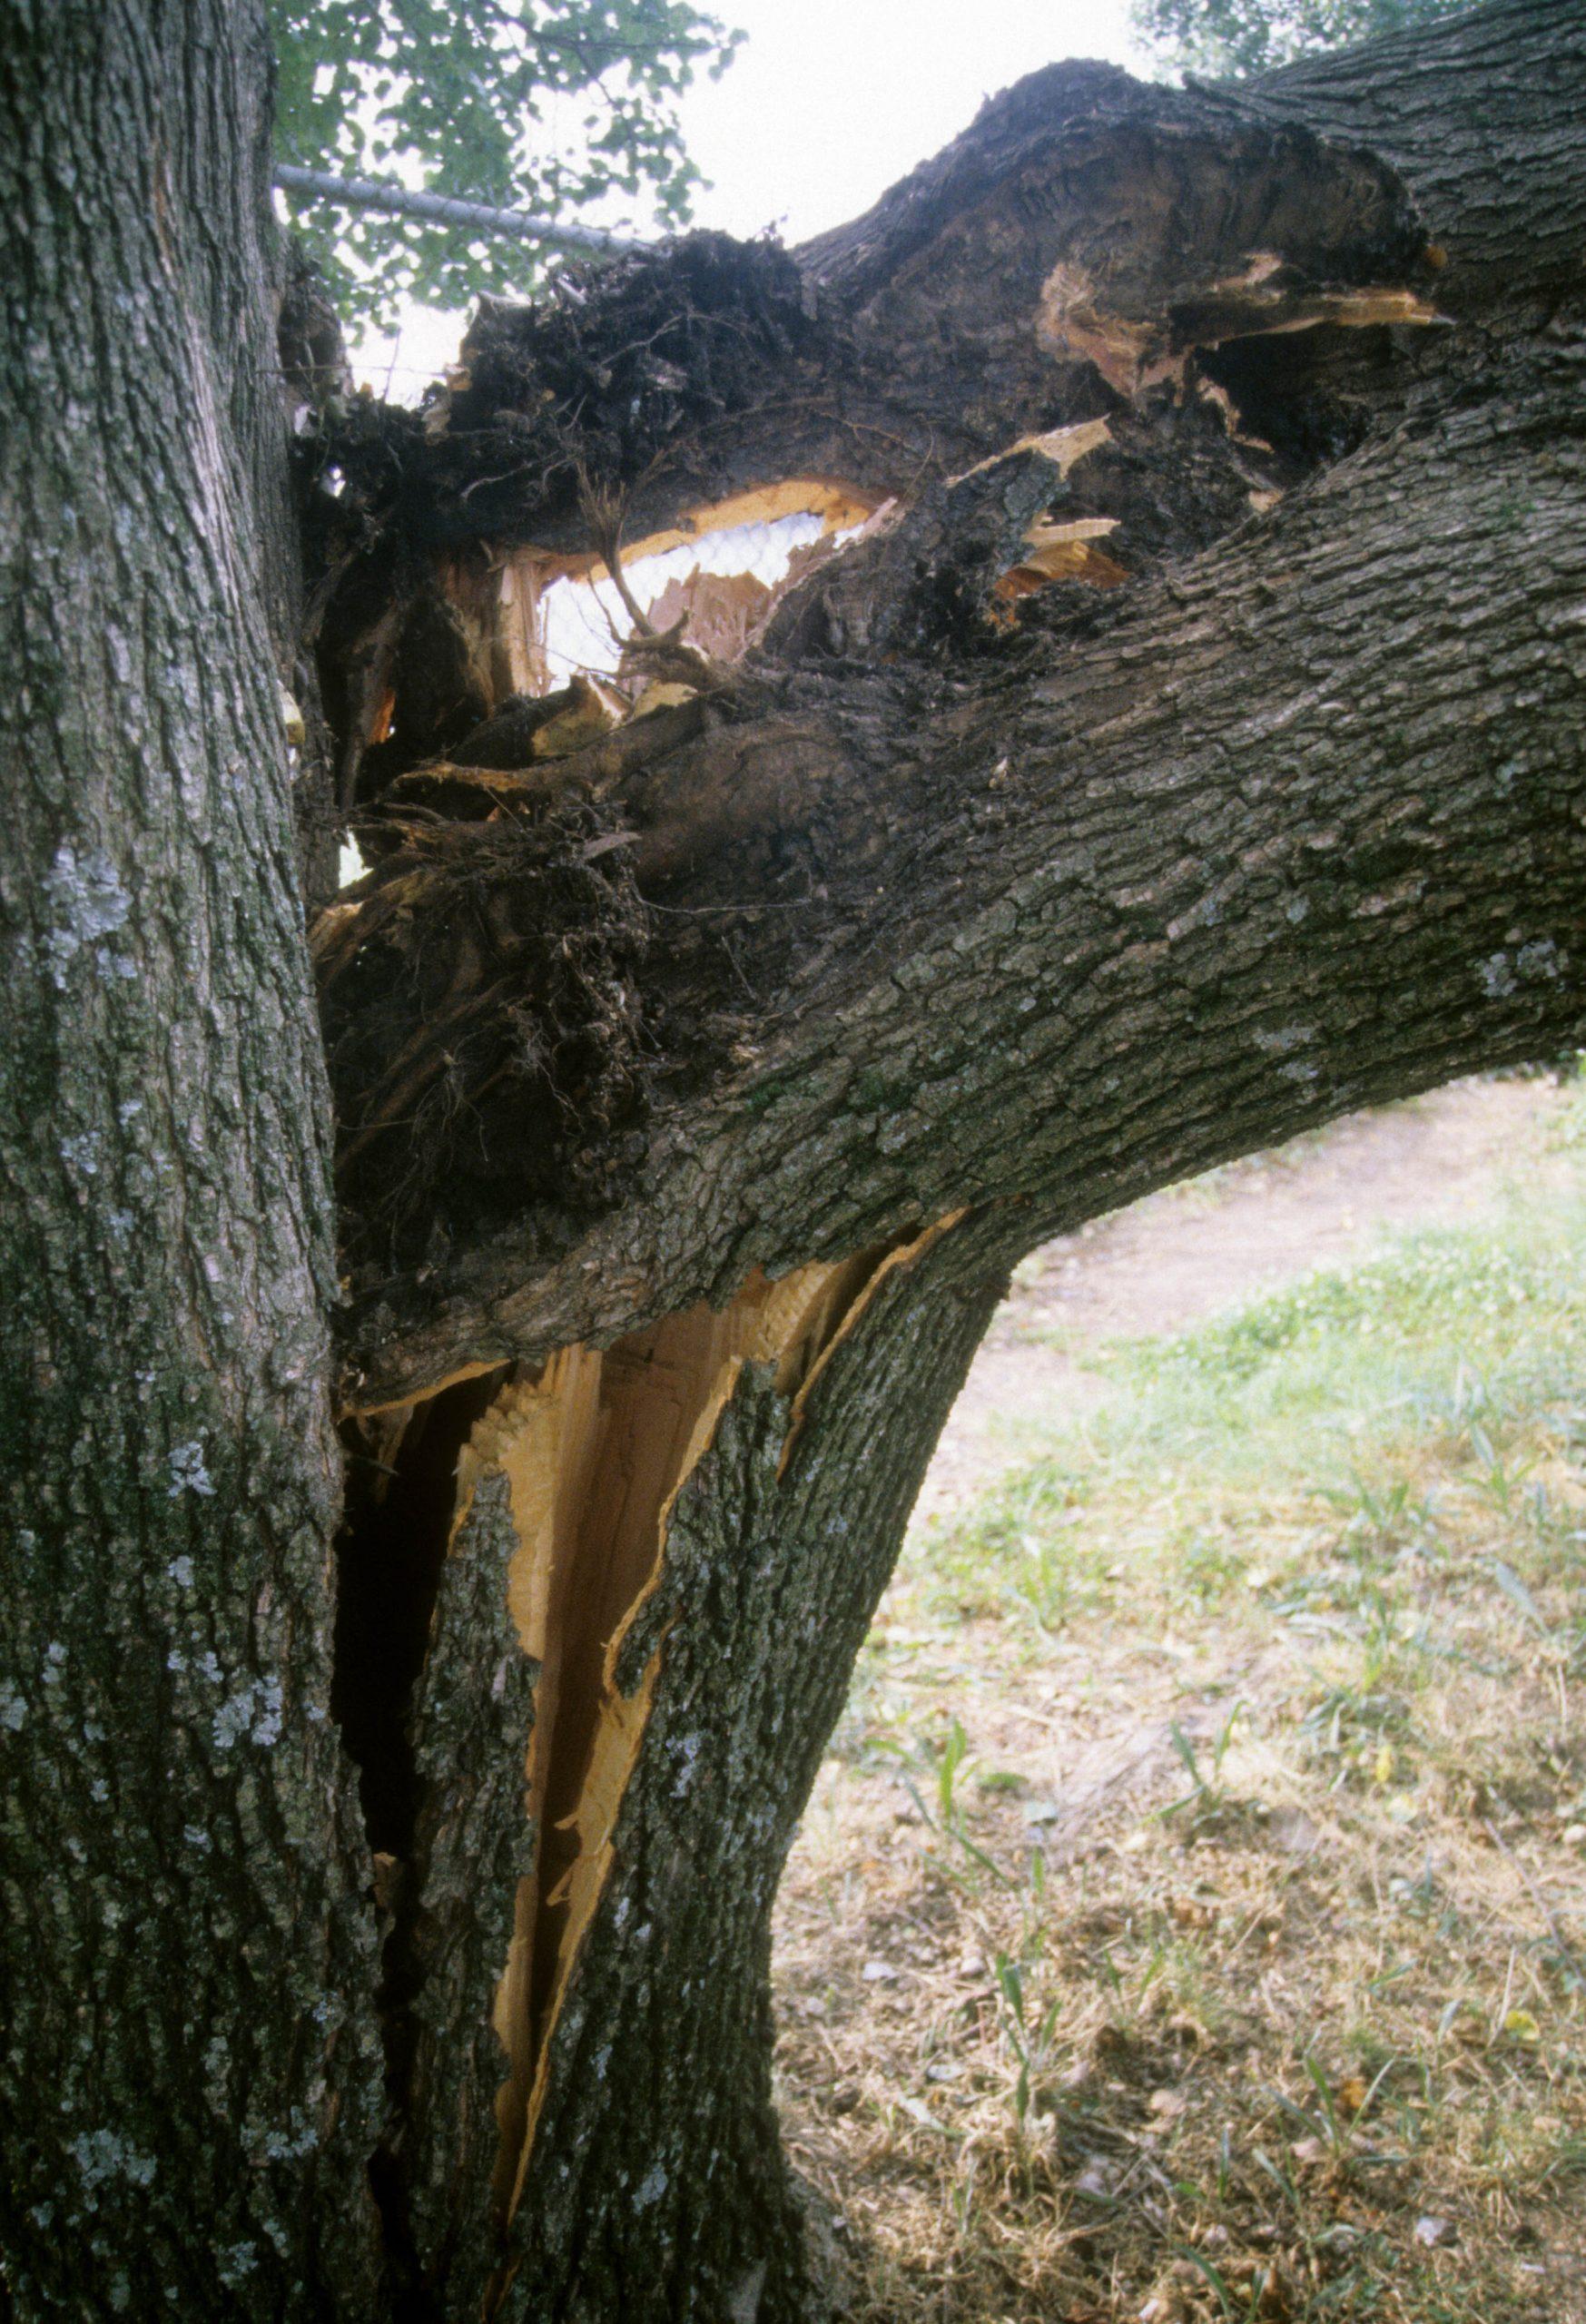 Bradford pear limb failure